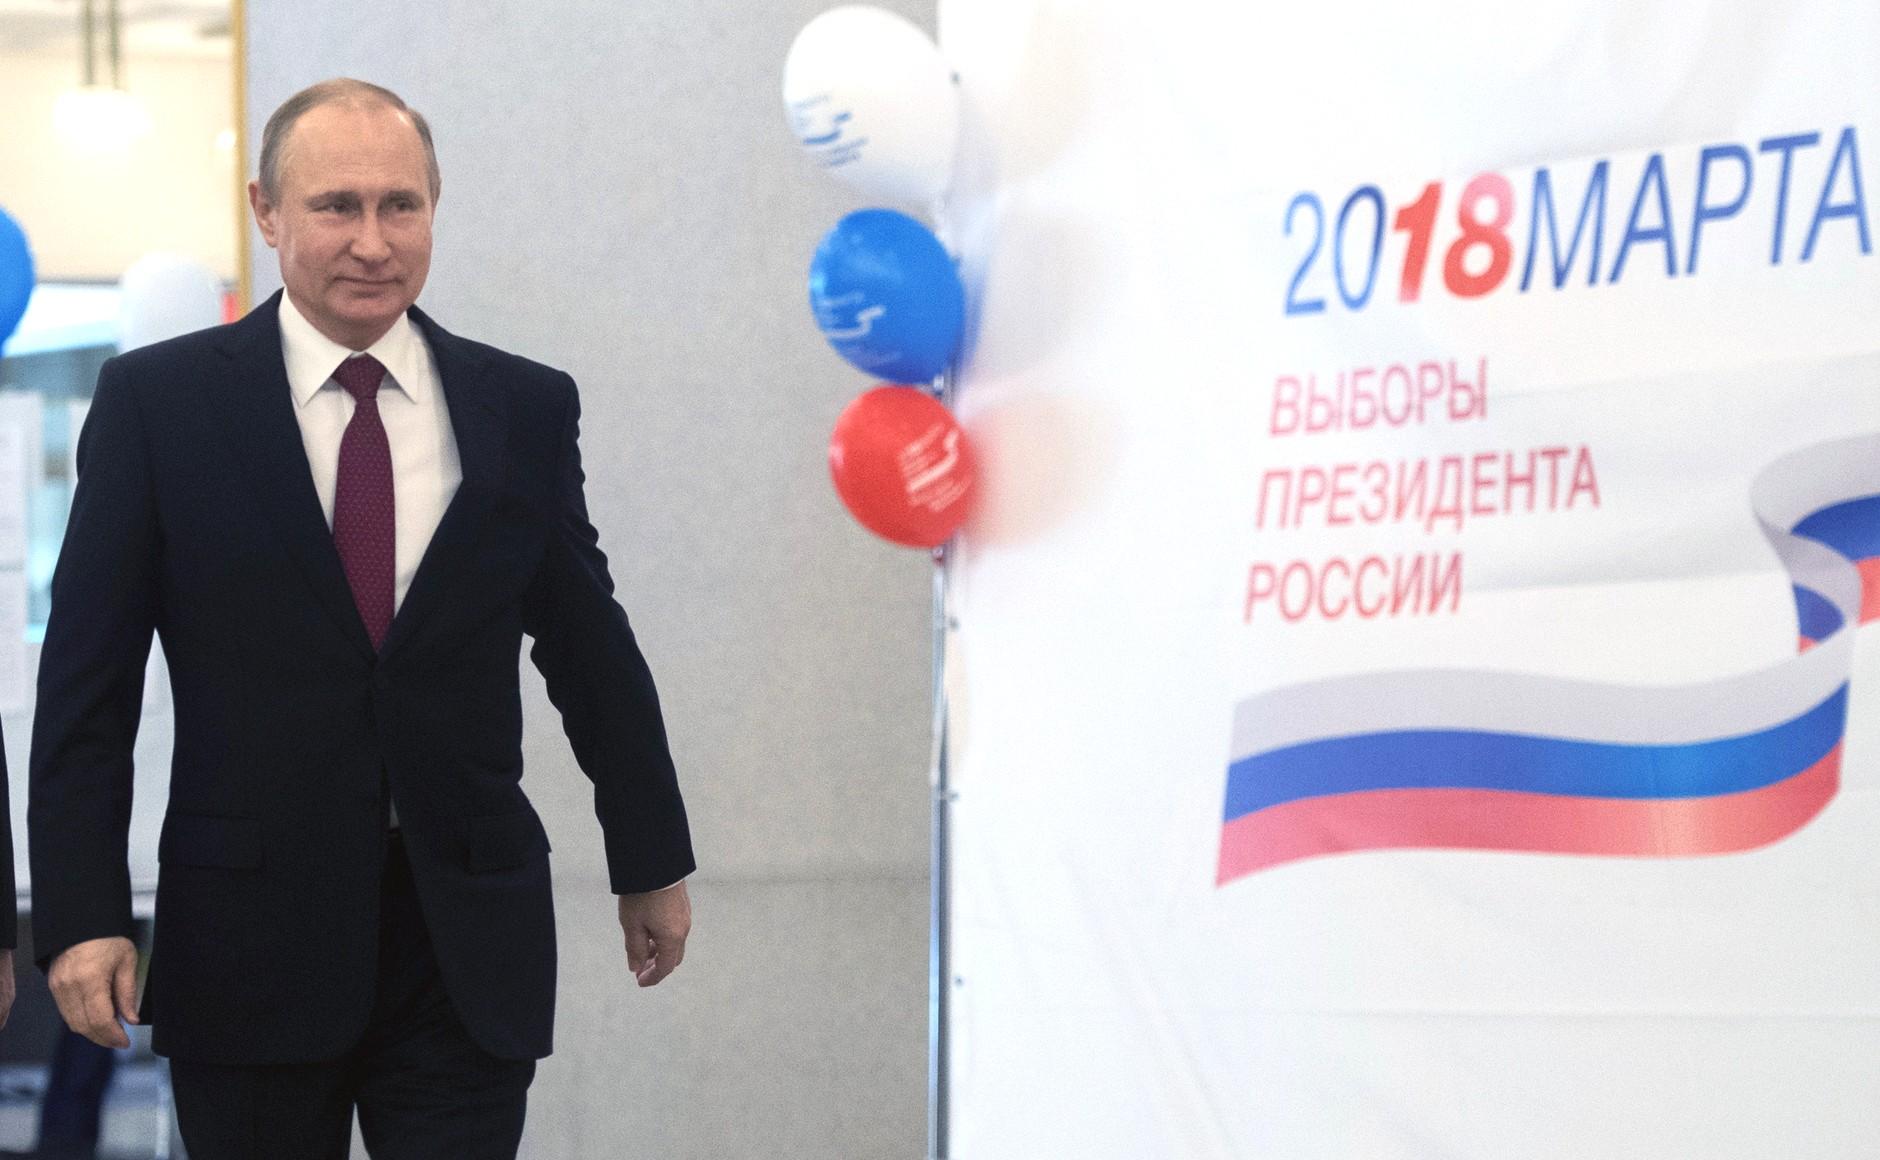 """""""Это немножко смешно"""": Путин ответил на вопрос про участие в выборах в 2030 году"""